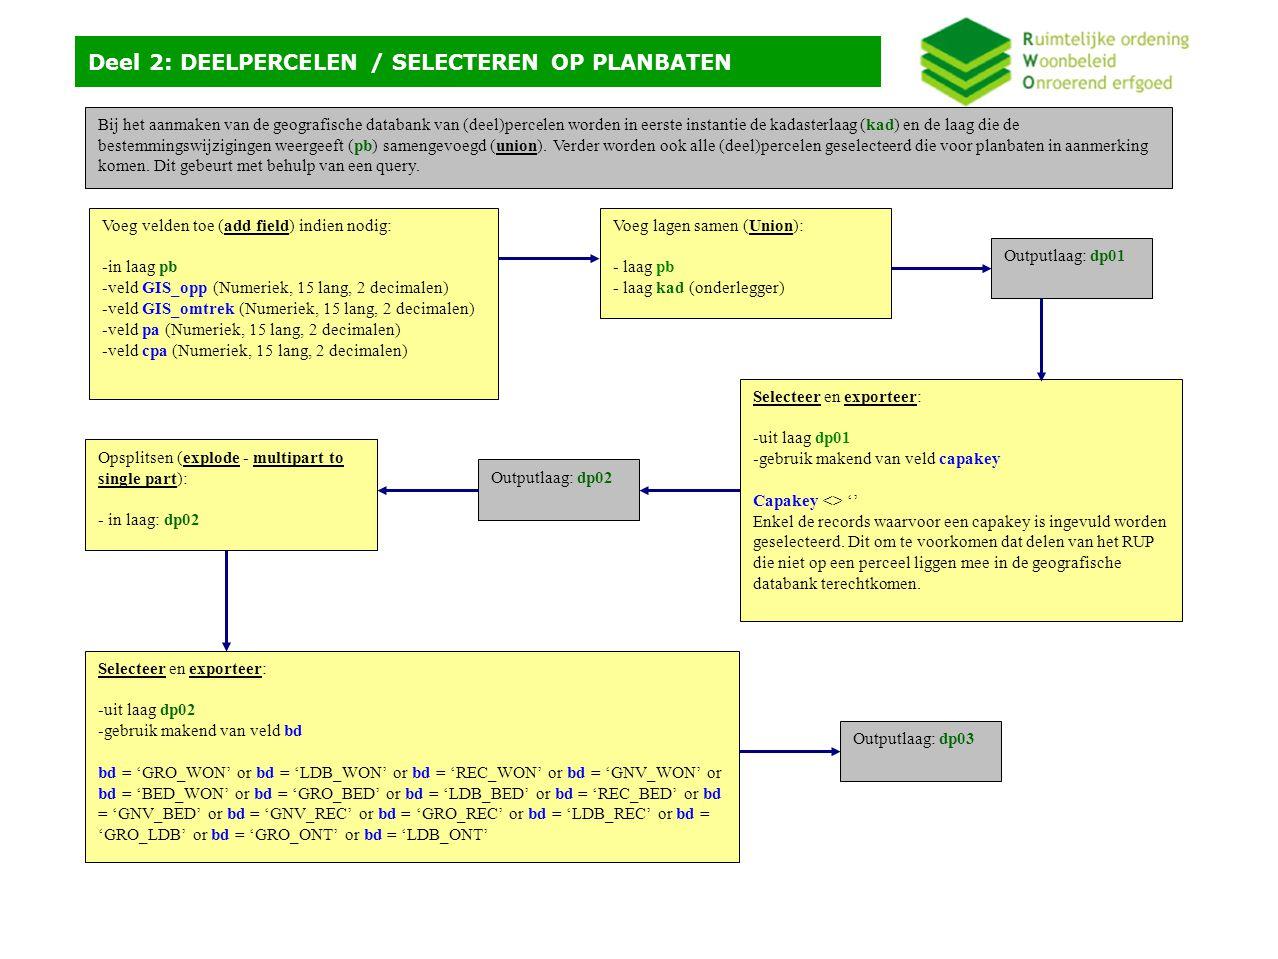 Deel 2: DEELPERCELEN / VERVOLLEDIGEN DEELPERCEELSET Uit de (deel)percelenset (dp02) wordt een selectie gemaakt van alle deelpercelen waarvoor een bestemmingswijziging geldt die tot planbaten kan leiden (dp03).